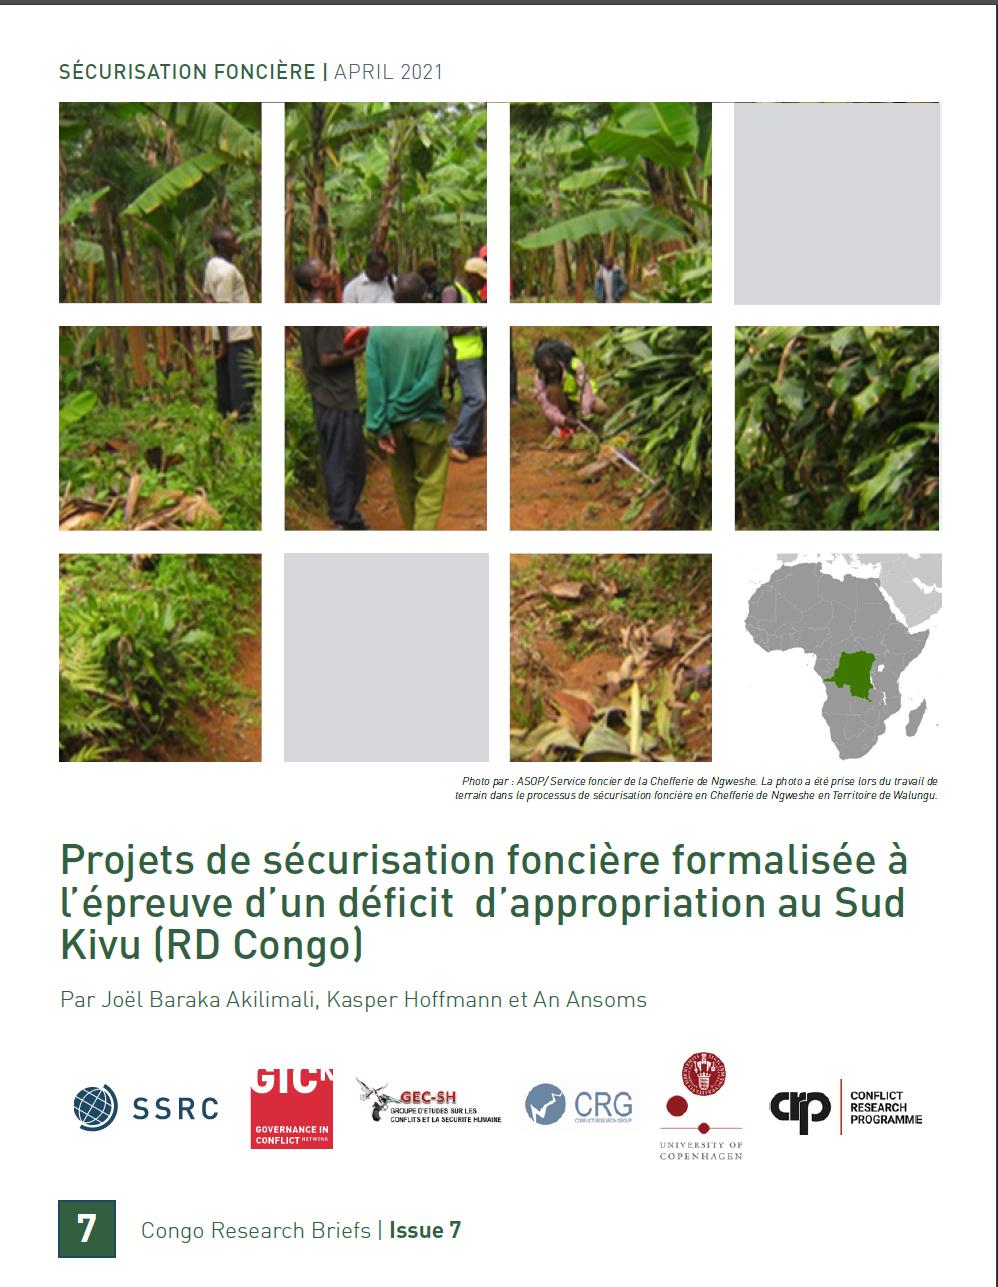 projets-de-sécurisation-foncière-formalisée-à-l-épreuve-d-un-déficit-d-appropriation-au-sud-kivu-rd-congo